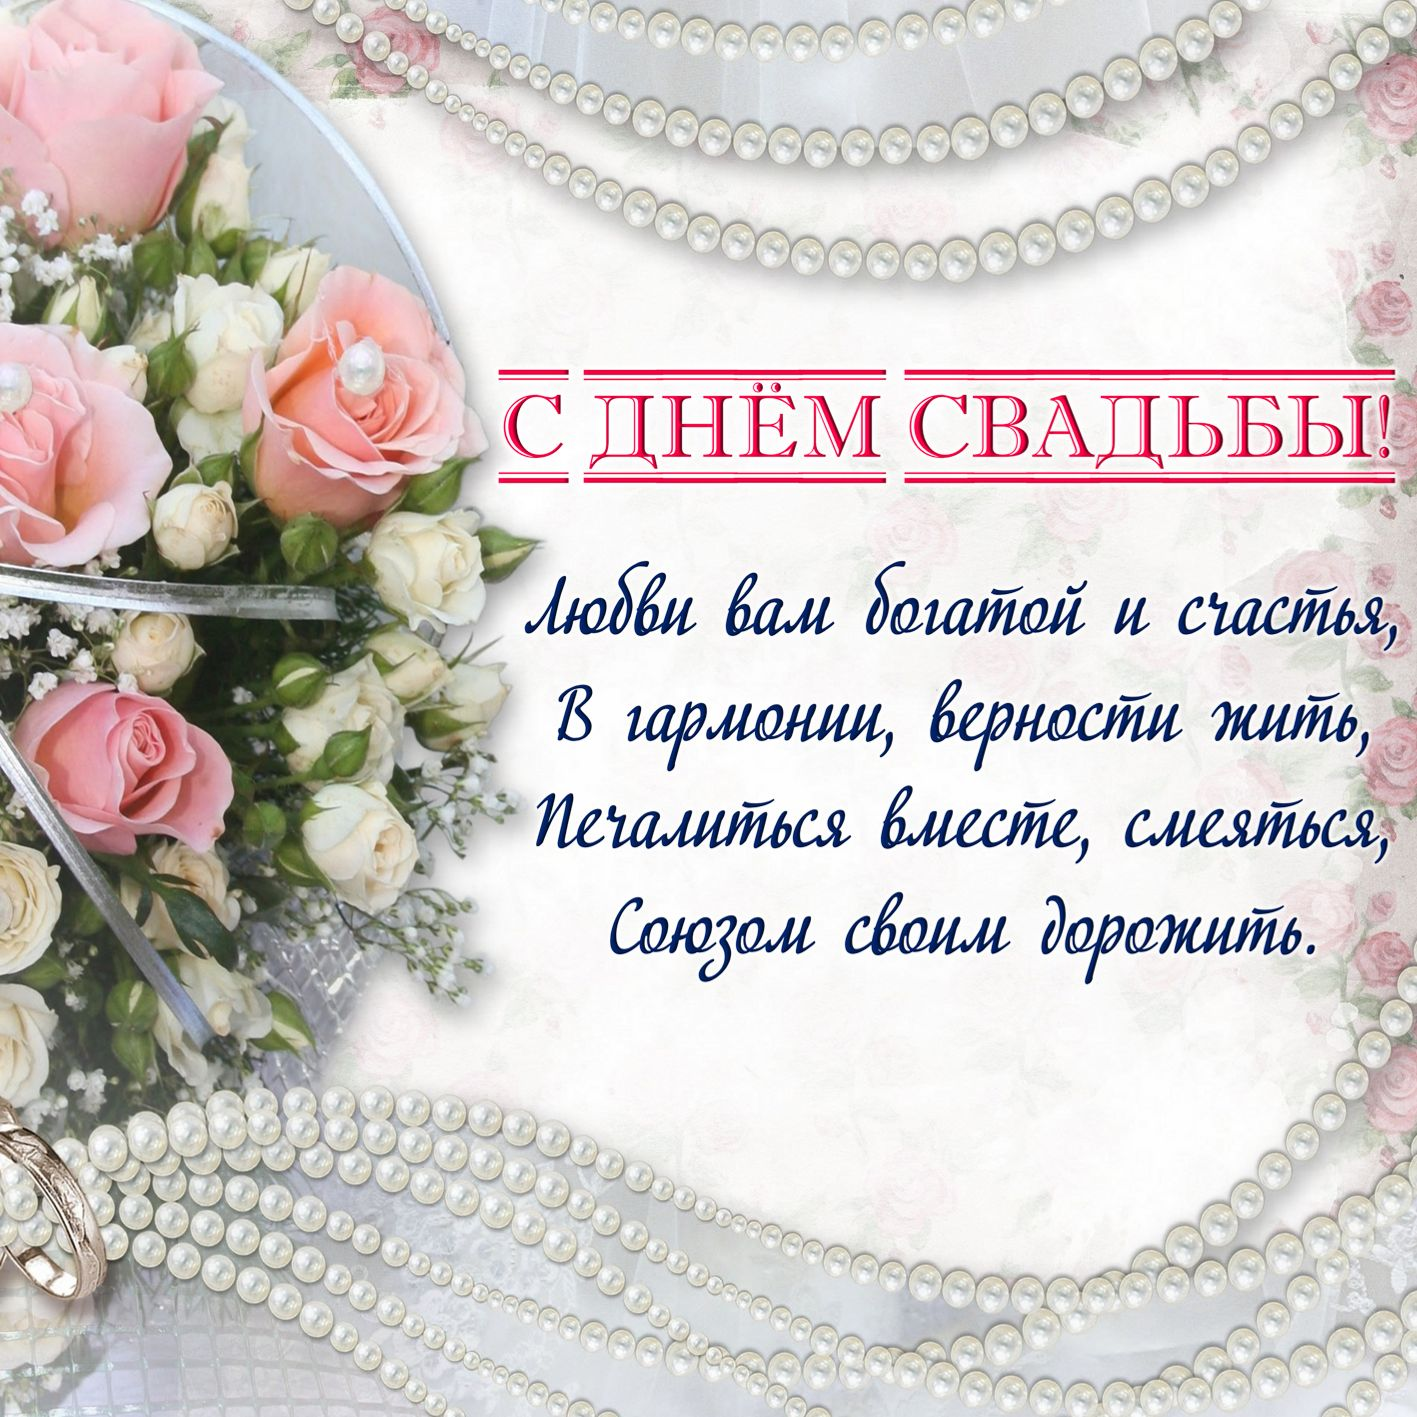 Красивые картинки с поздравлением с днем свадьбы